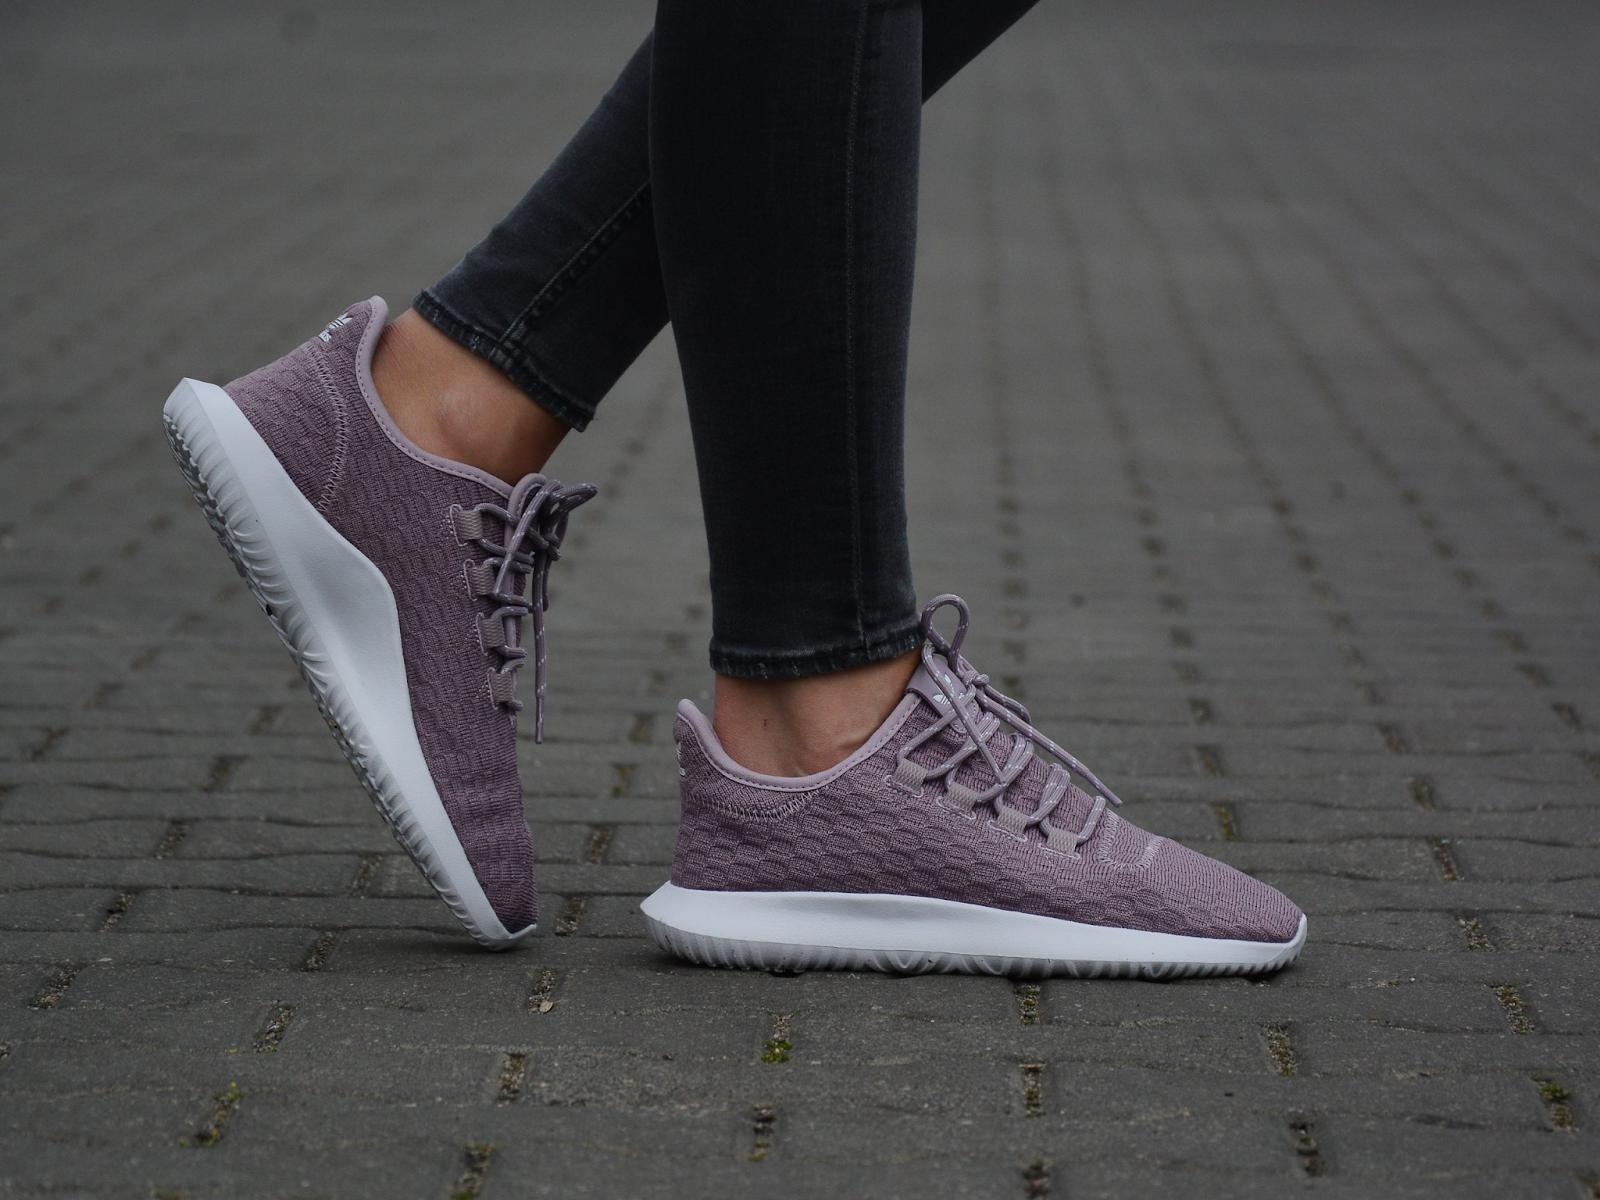 Nên lựa chọn kích cỡ size giày phù hợp để có cảm giác đi trên chân êm ái